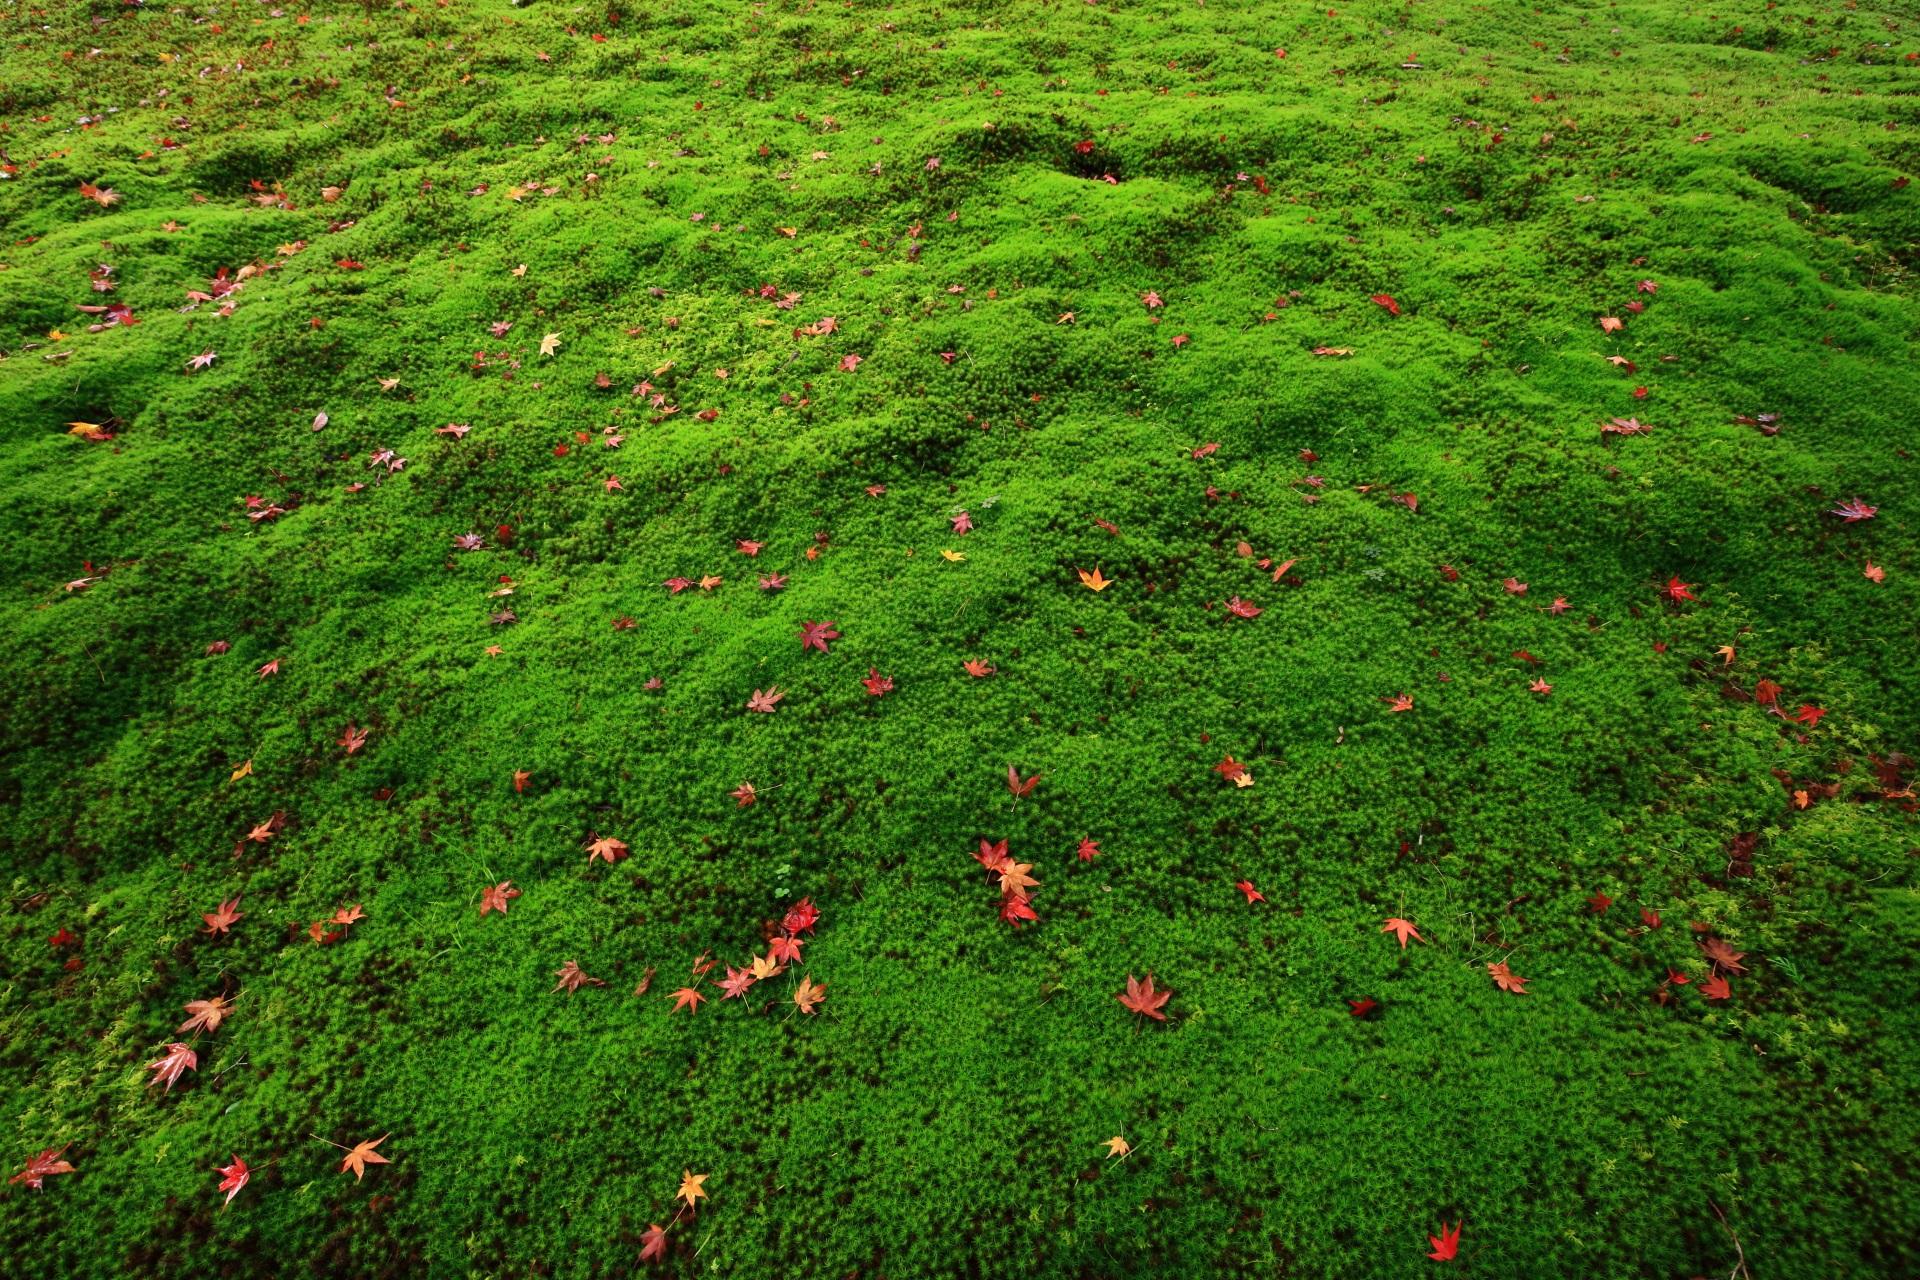 鮮やかな緑の苔と星のような散りもみじ